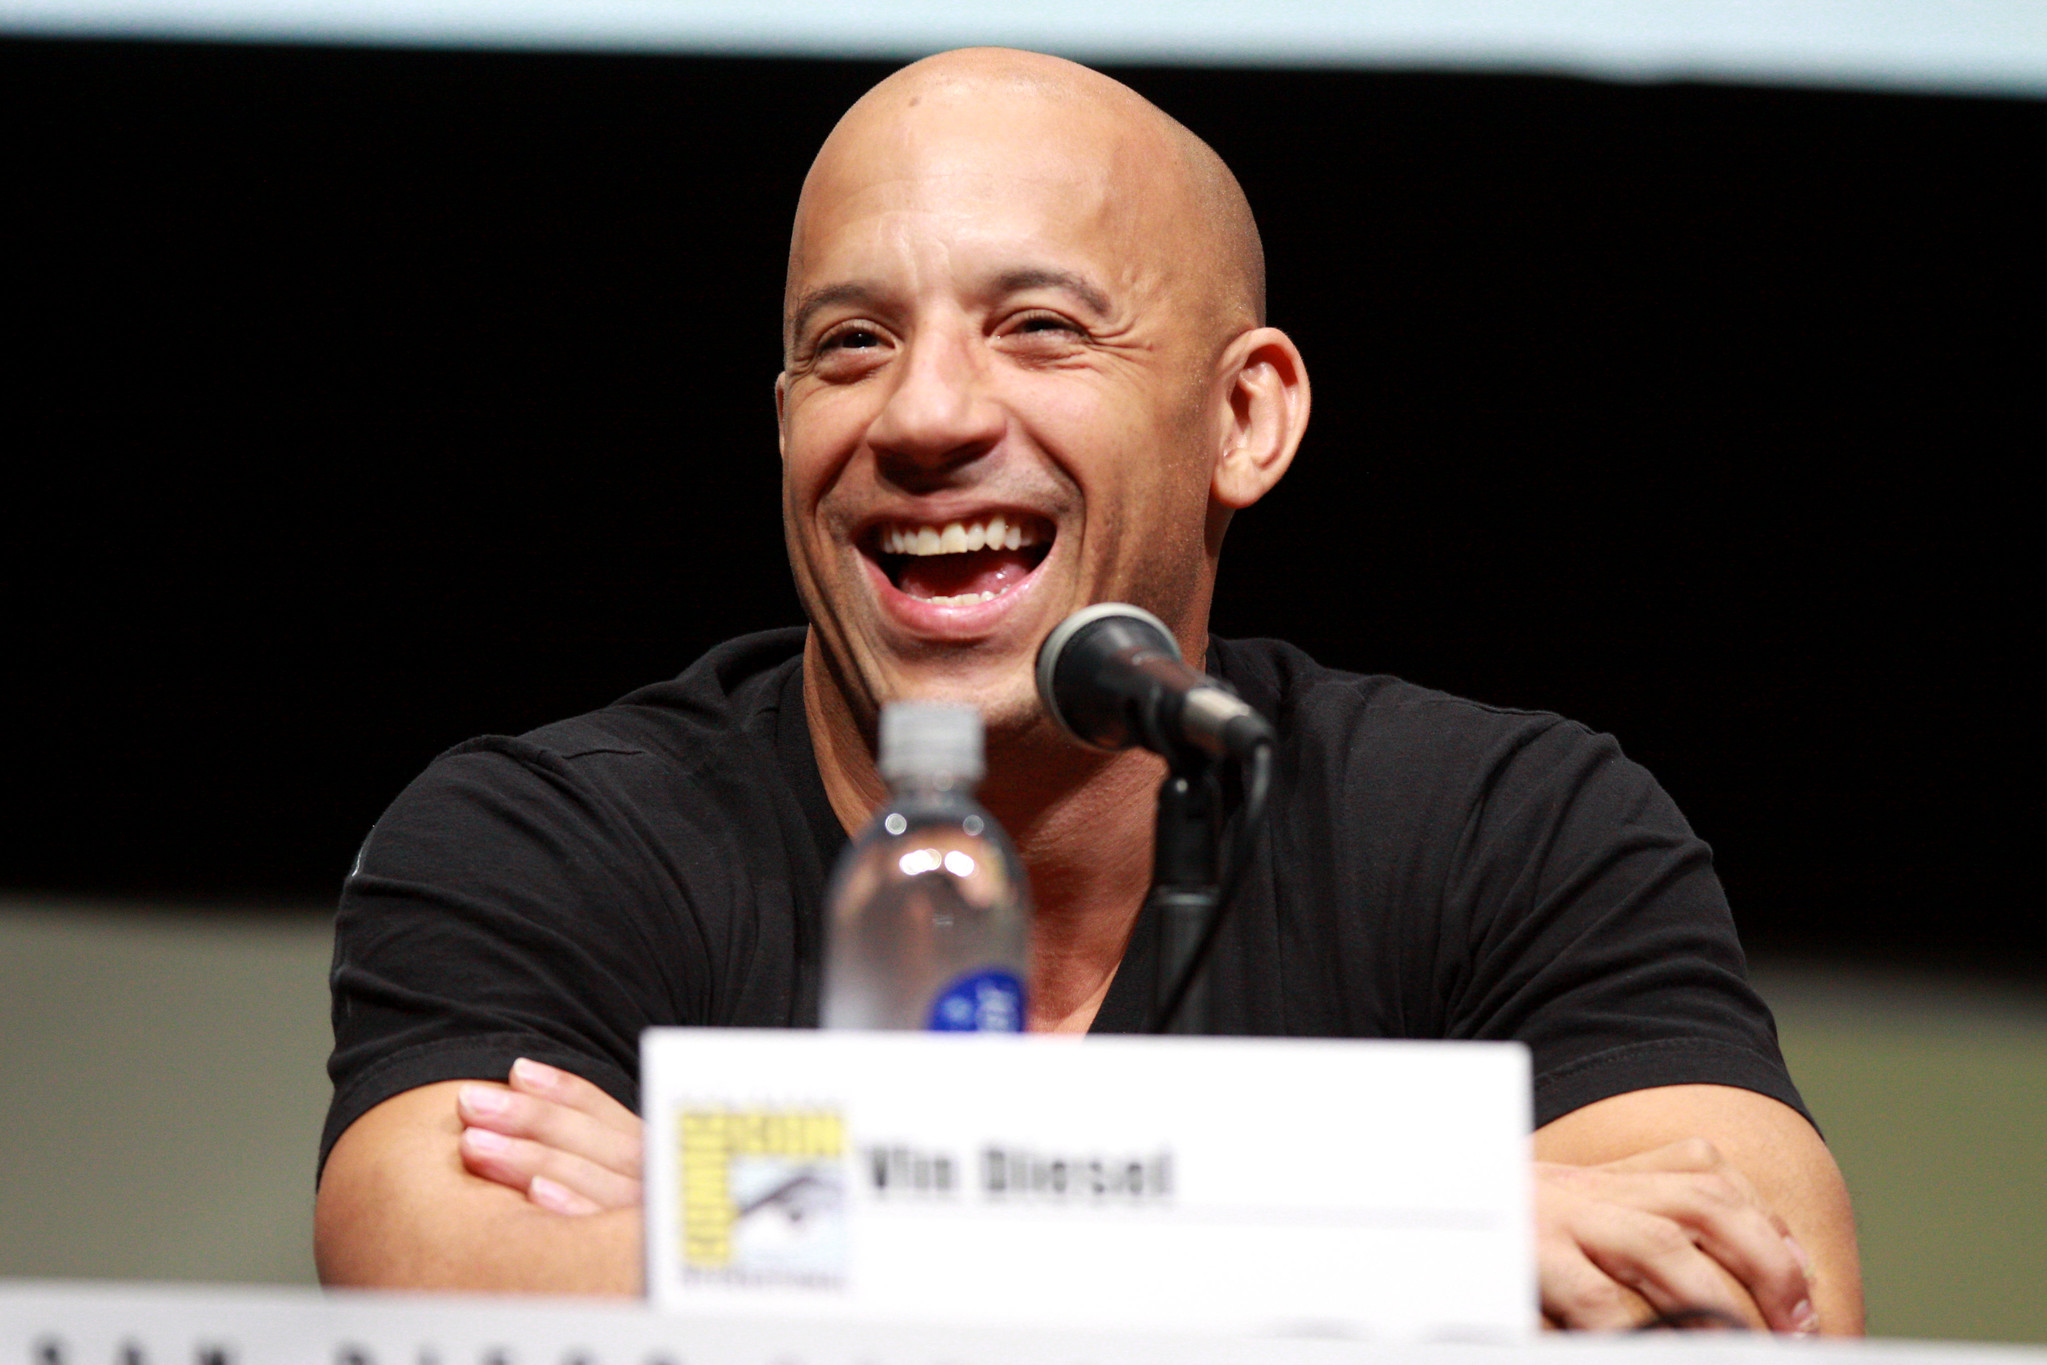 Vin Diesel Releases Single